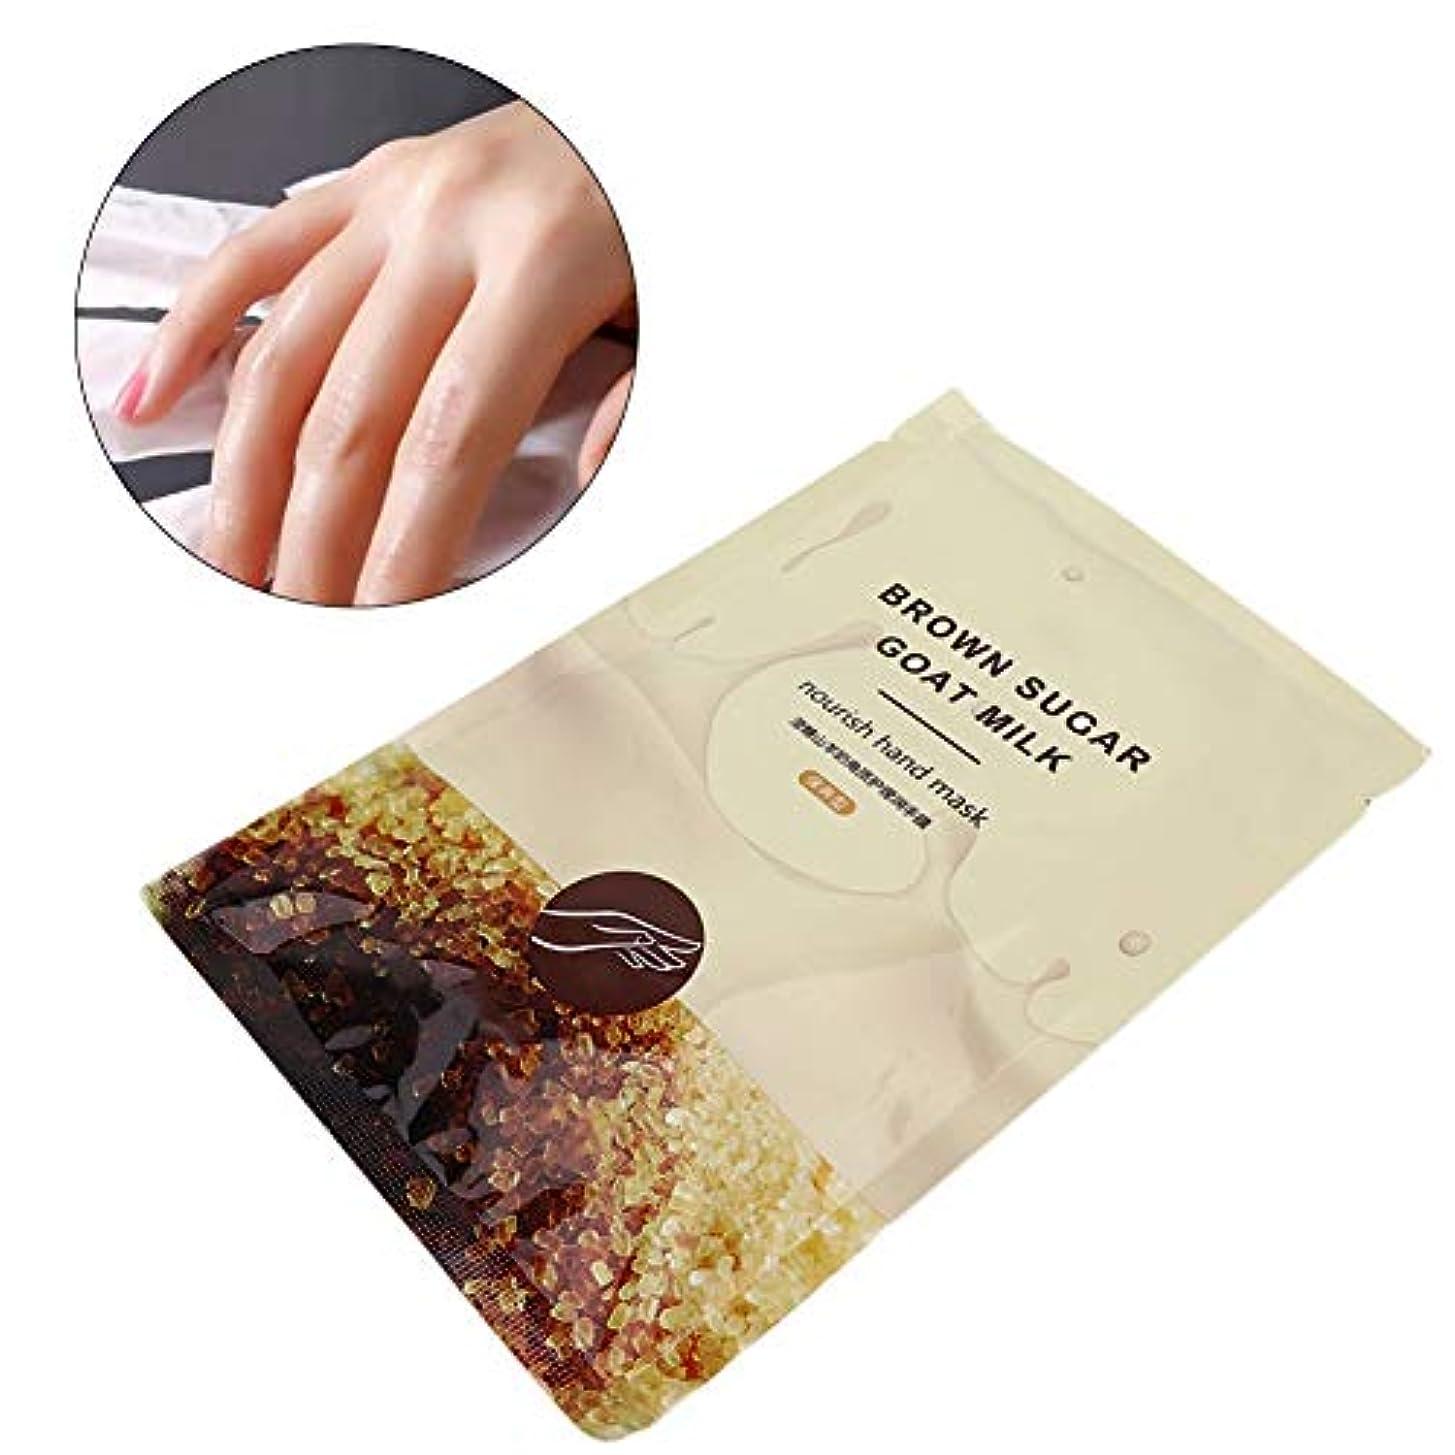 暴力ジョージハンブリーチャンバーNITRIP ハンドマスク ハンドケア ハンドパック 手 角質ケア 保湿 潤い 美白 スキンケア エイジングケア 手荒れ 使用簡単 1ペア